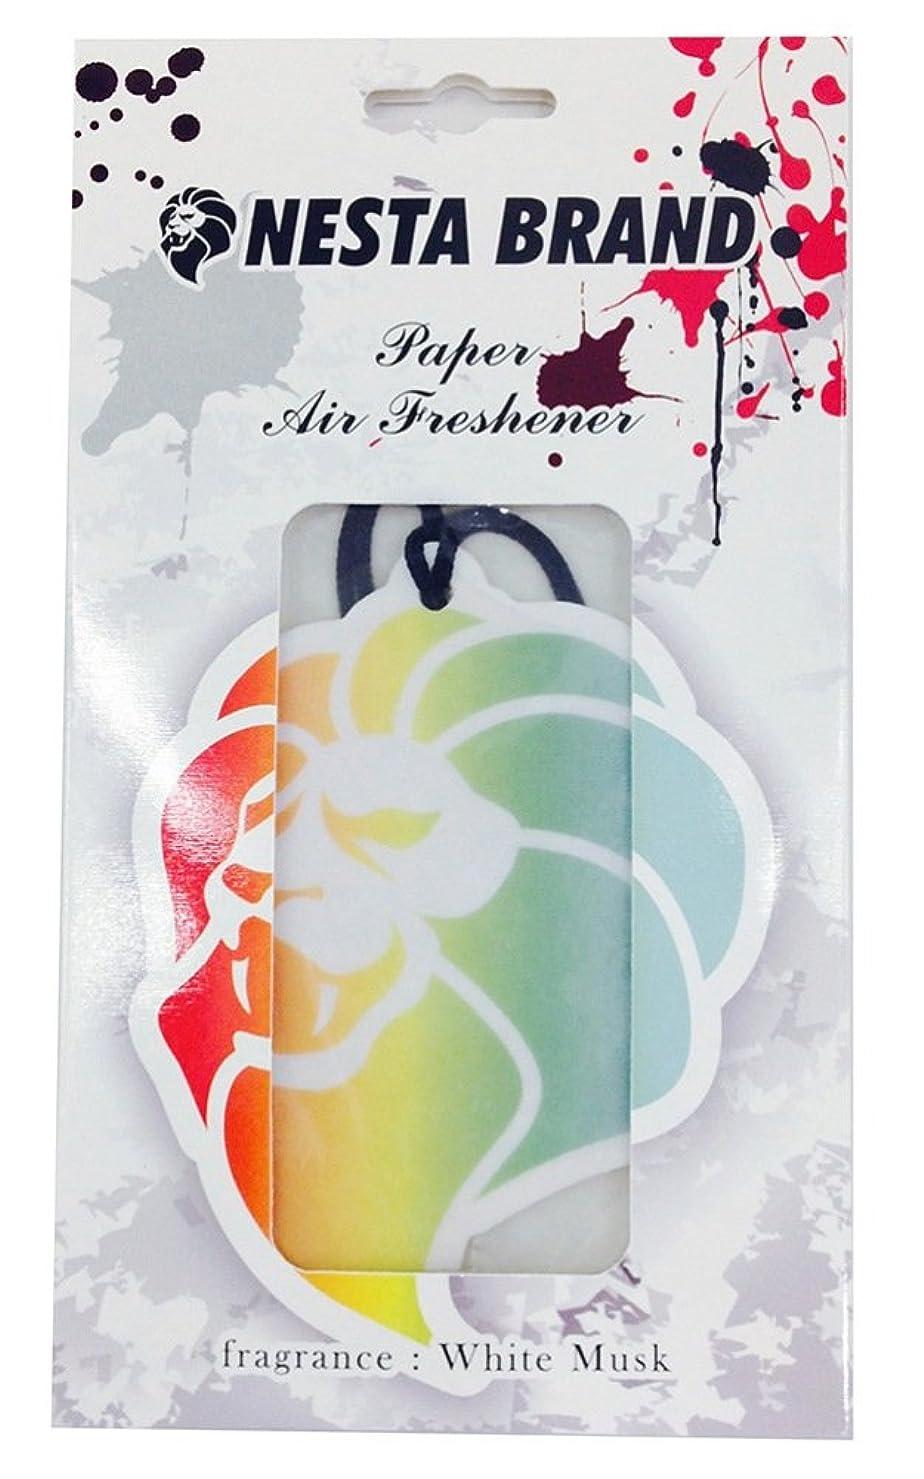 アドバンテージ紳士美しいネスタブランド エアーフレッシュナー 吊り下げ ホワイトムスクの香り OA-NNA-11-2